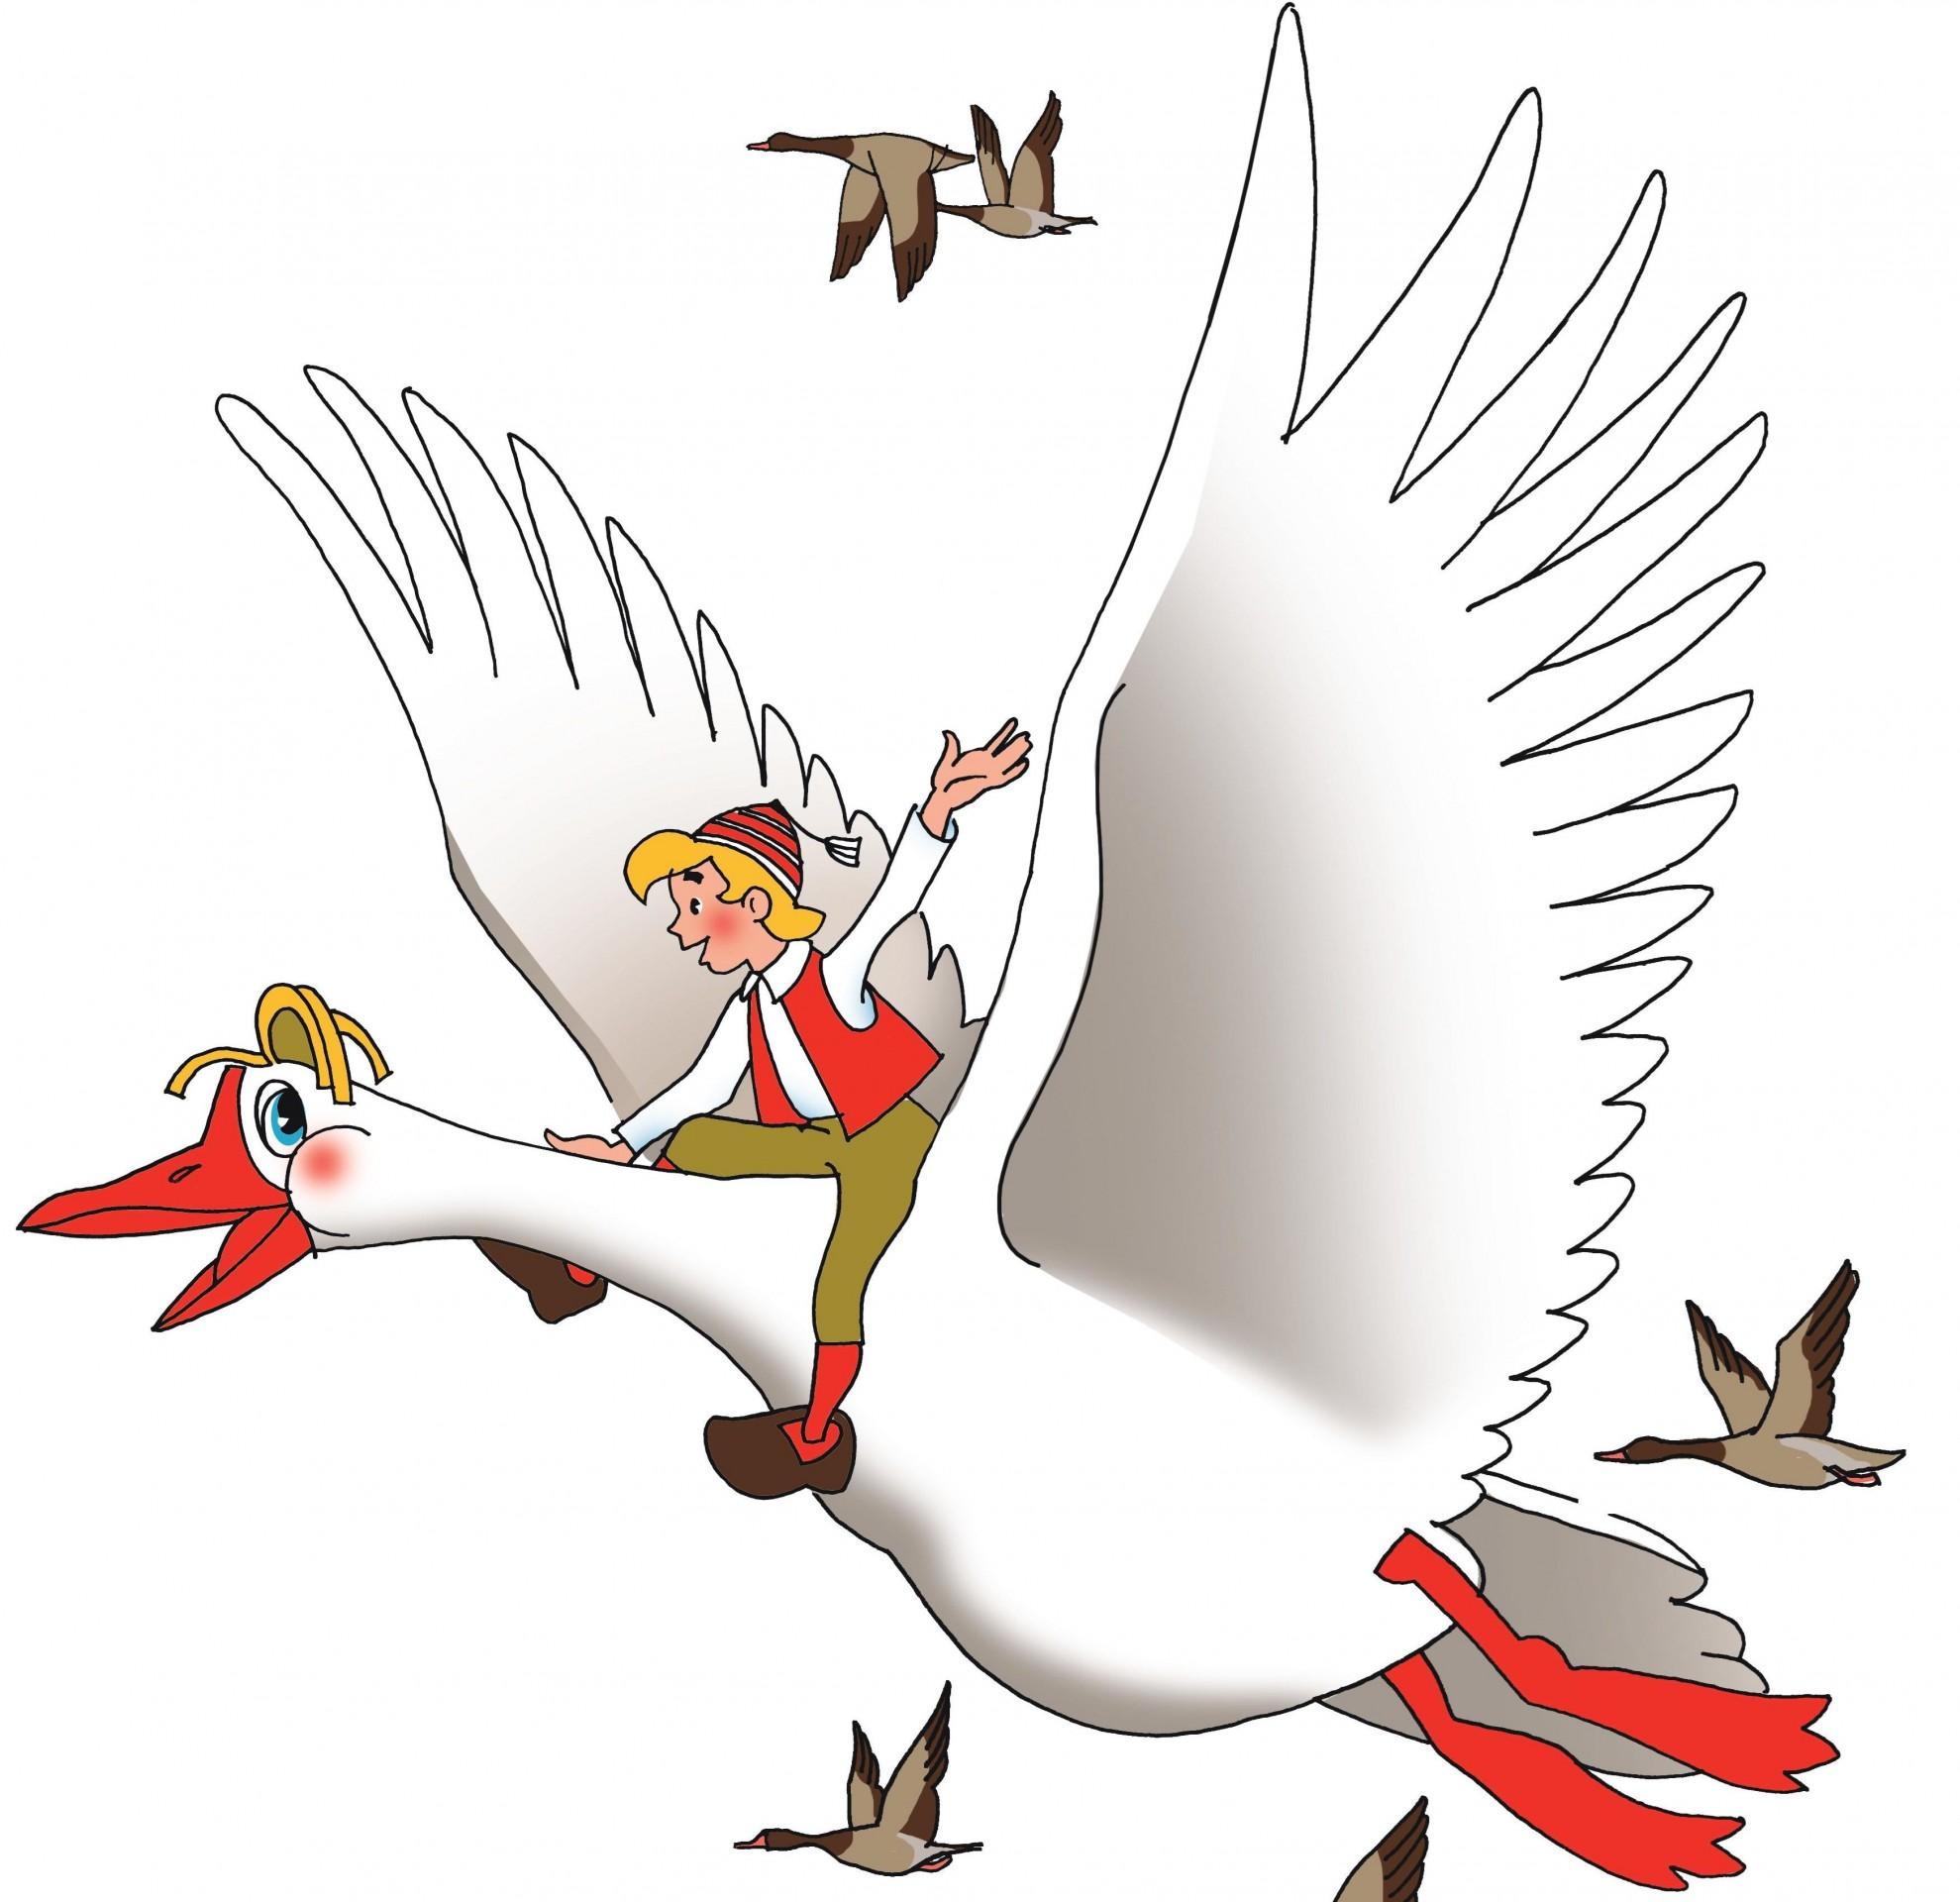 способом раскраска нильса из сказки чудесное путешествие нильса с дикими гусями компания ранее заявляла